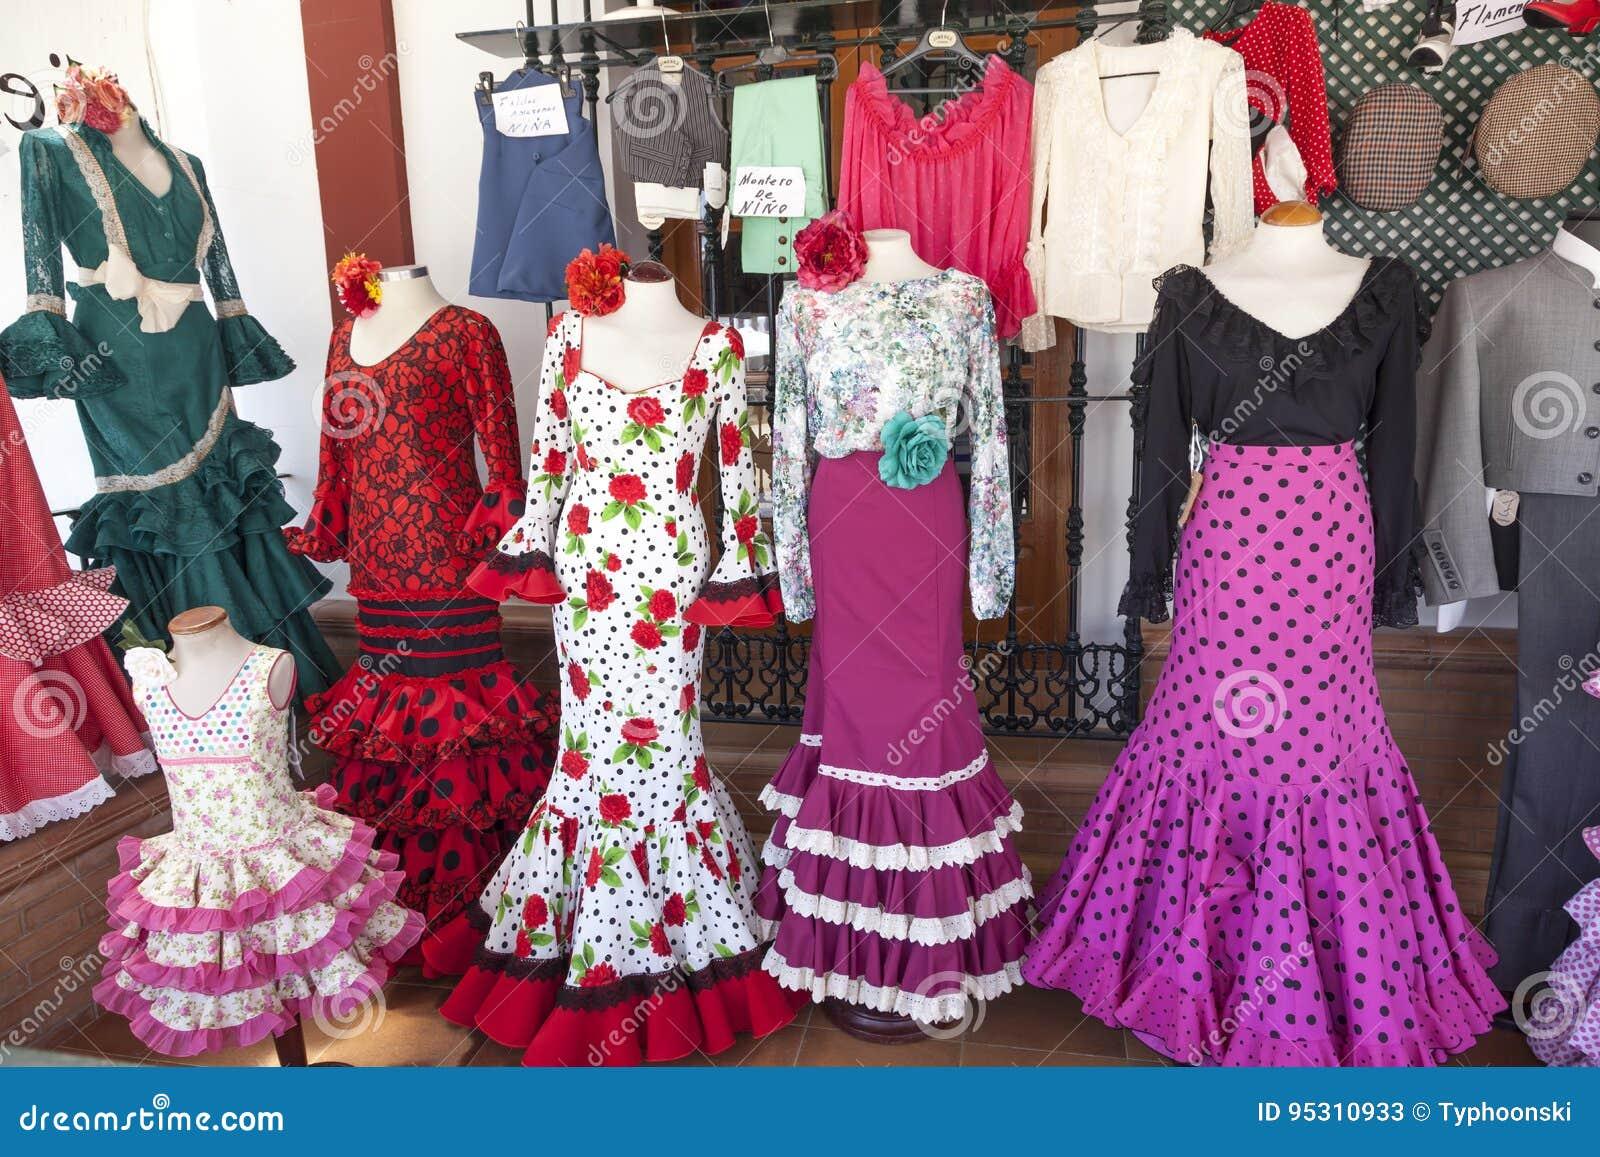 d82d9d596 Vestidos Españoles Tradicionales Del Flamenco Foto de archivo ...